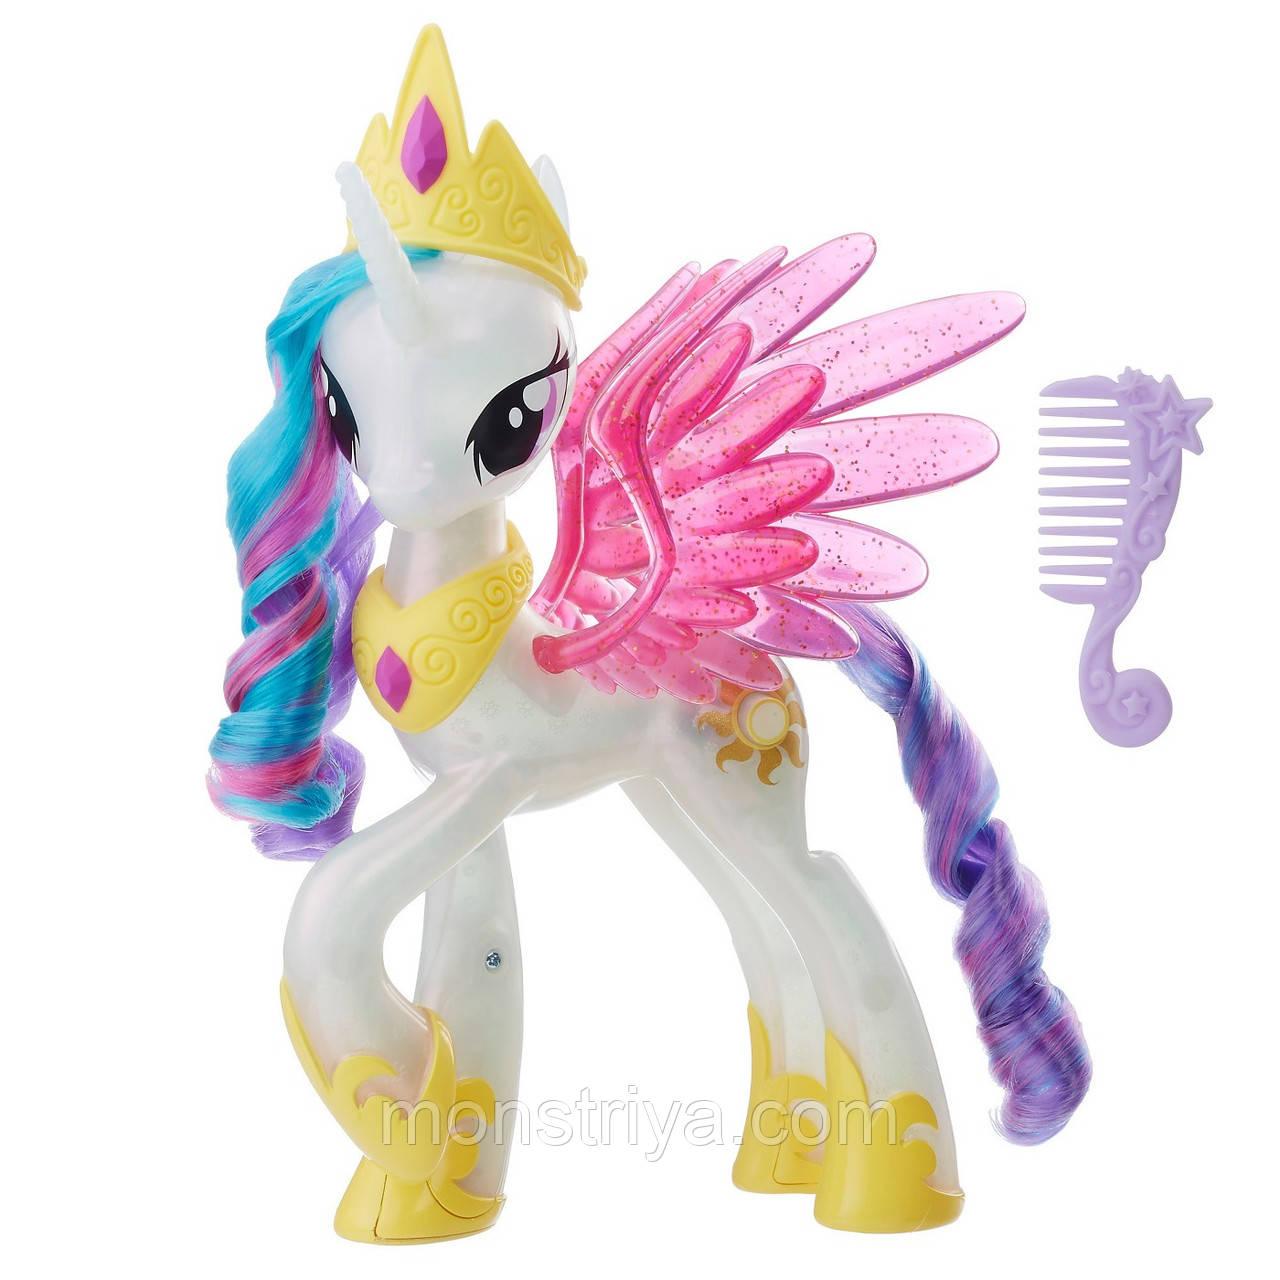 Принцесса Селестия Интерактивная игрушка Hasbro My Little Pony